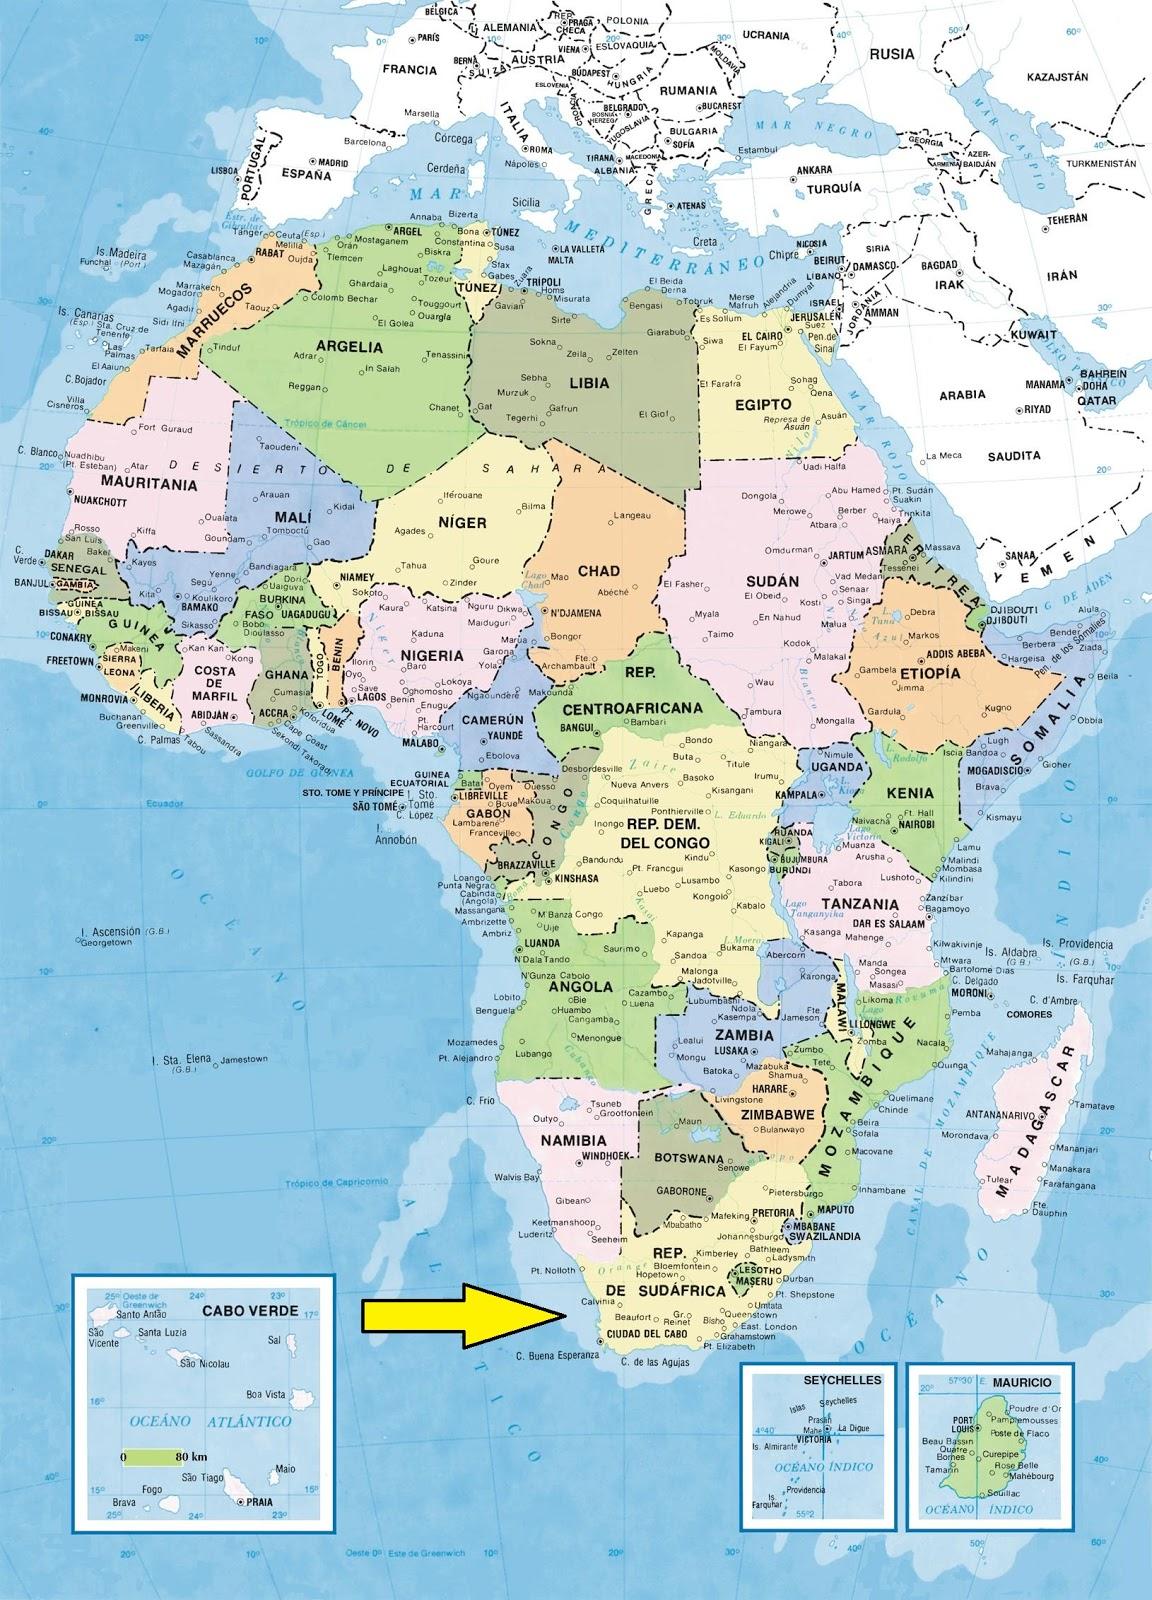 Abuya es la capital de este país africano